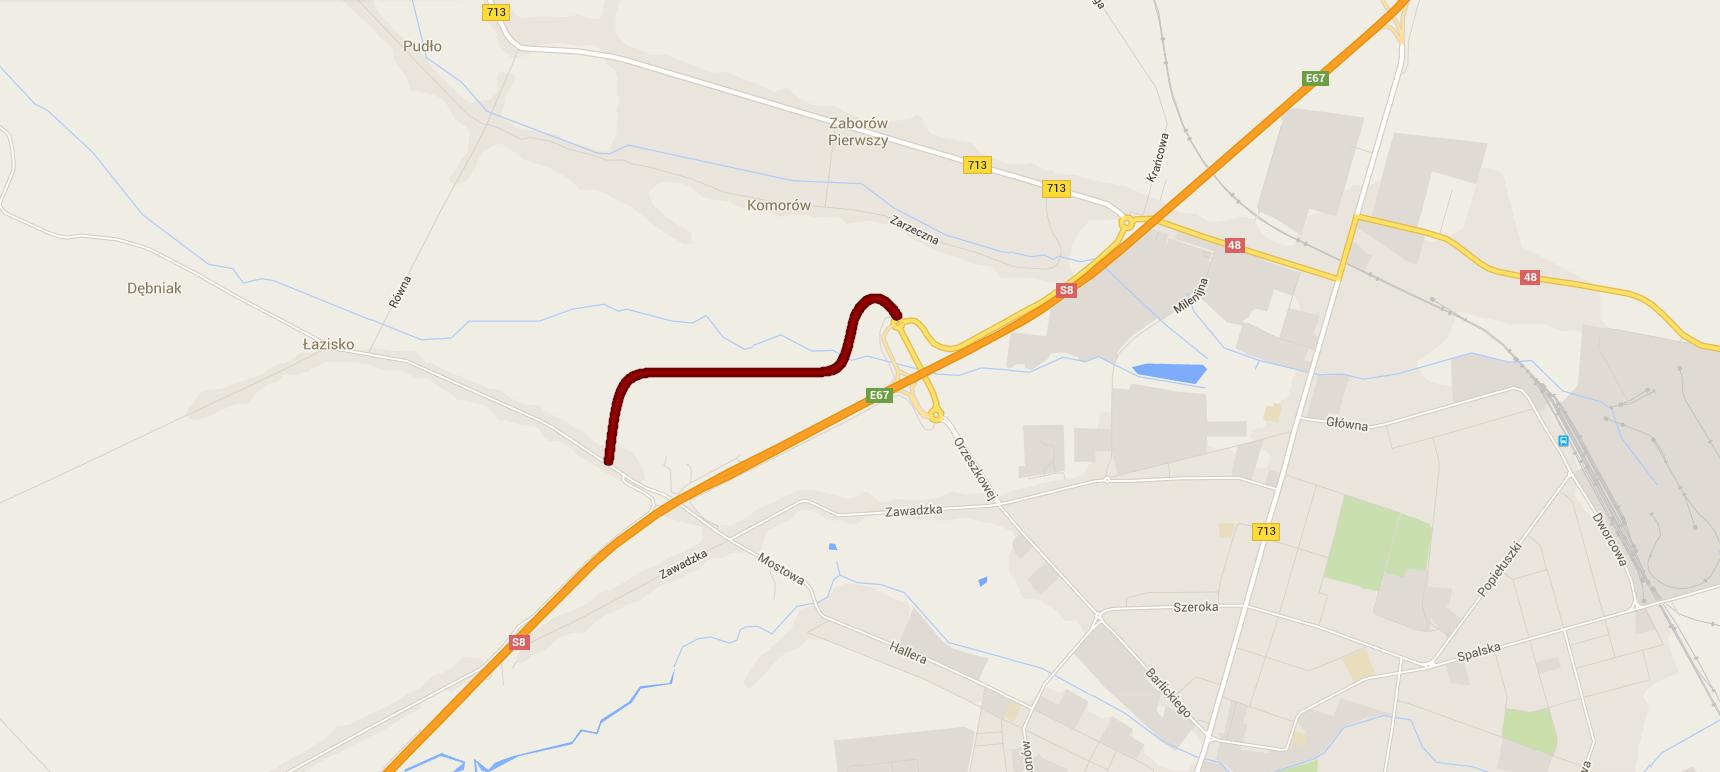 Mapa z planowanym przebiegiem drogi